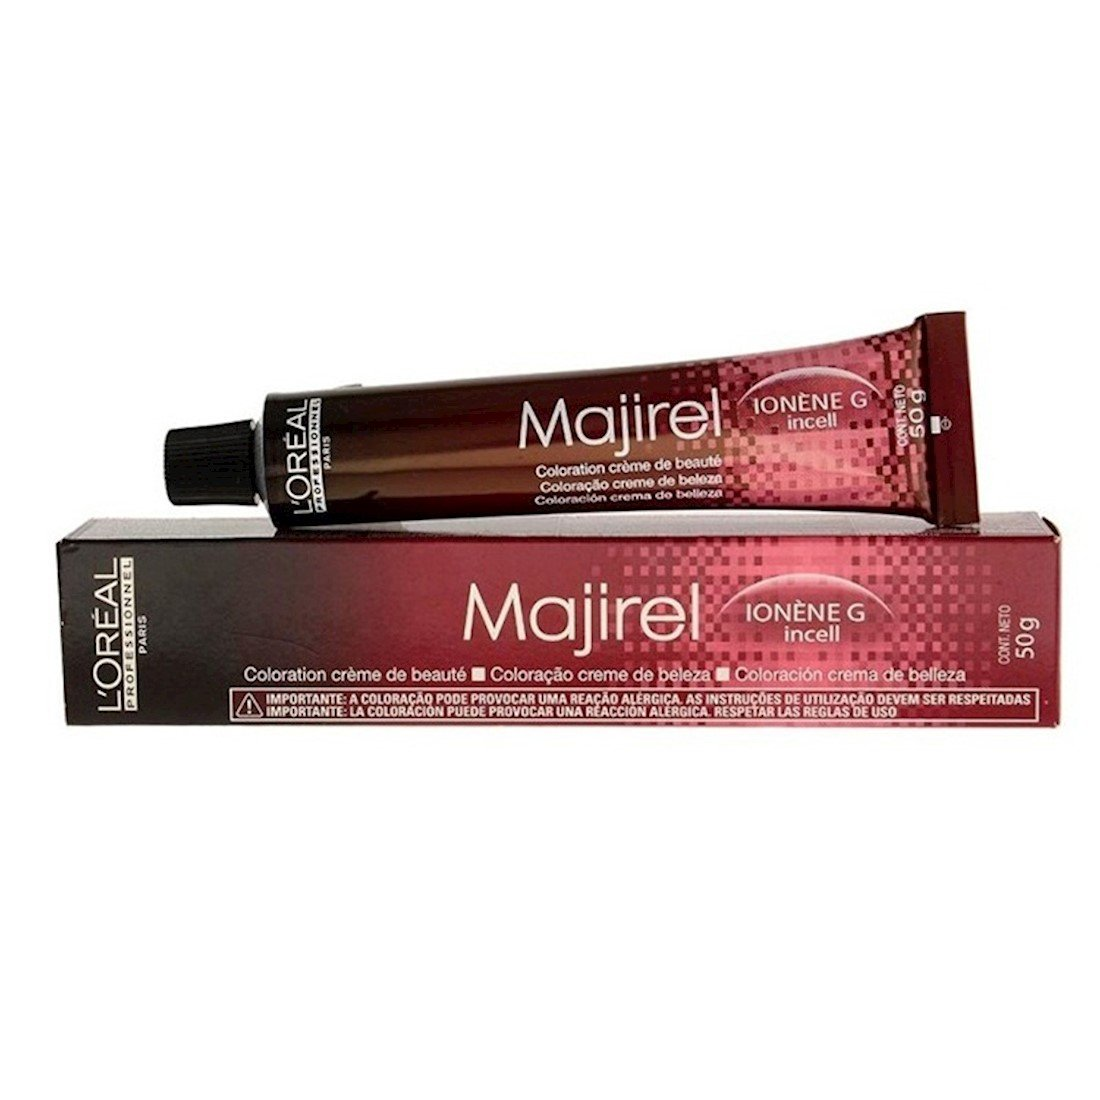 Coloração Majirel 8,31 (Louro Claro Bege Dourado) da L'Oreal - 50g